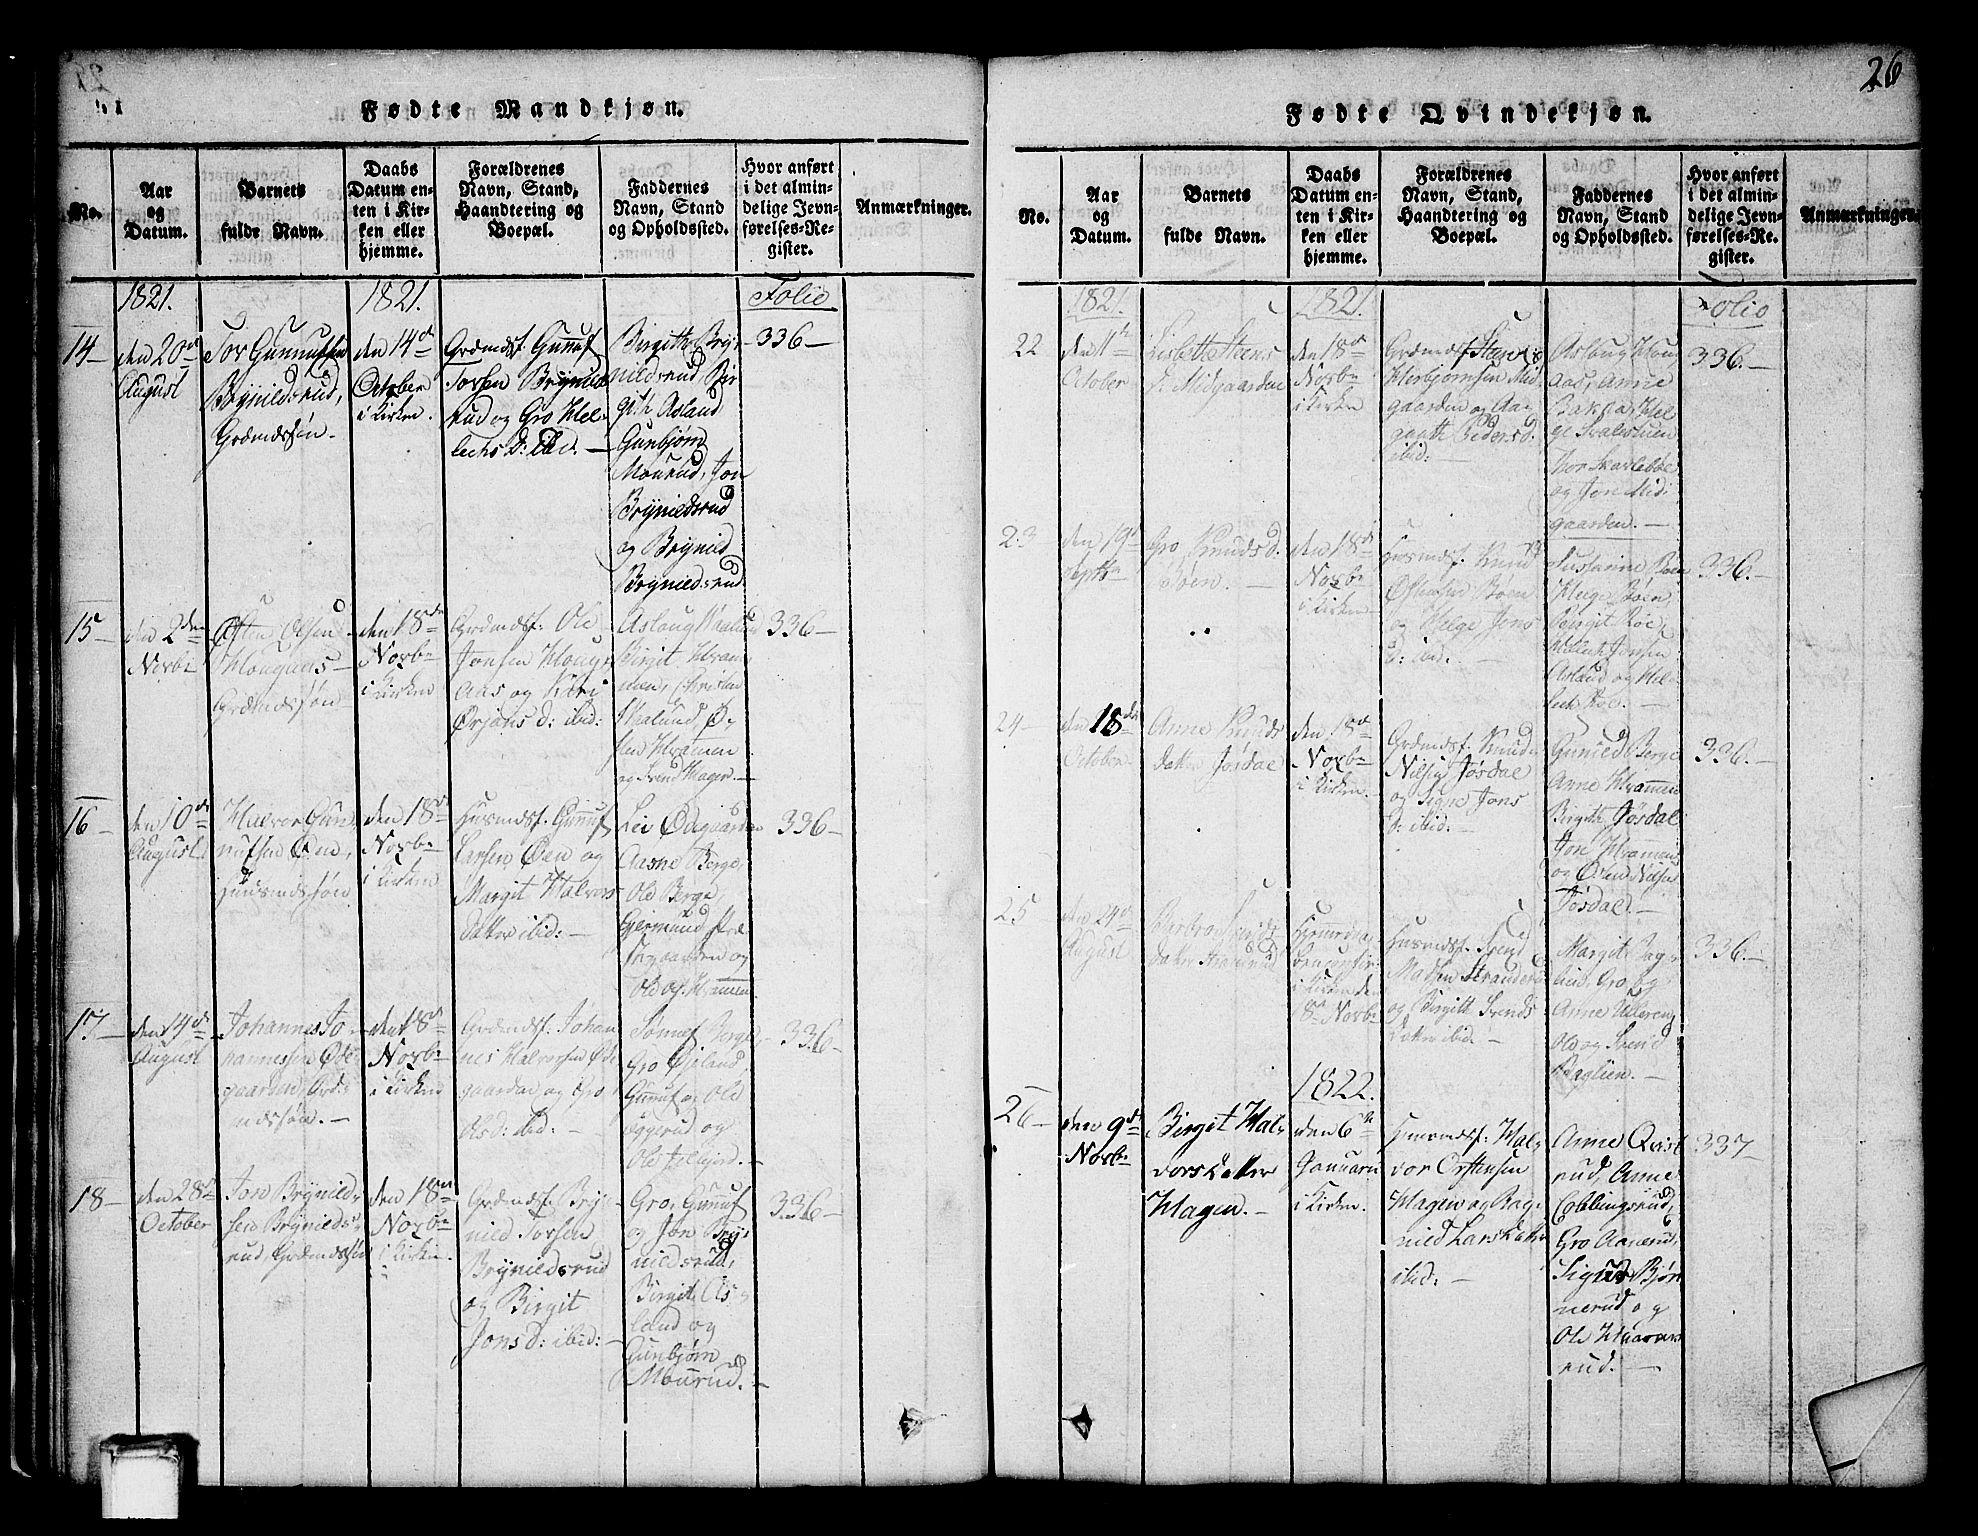 SAKO, Tinn kirkebøker, G/Ga/L0001: Klokkerbok nr. I 1, 1815-1850, s. 26